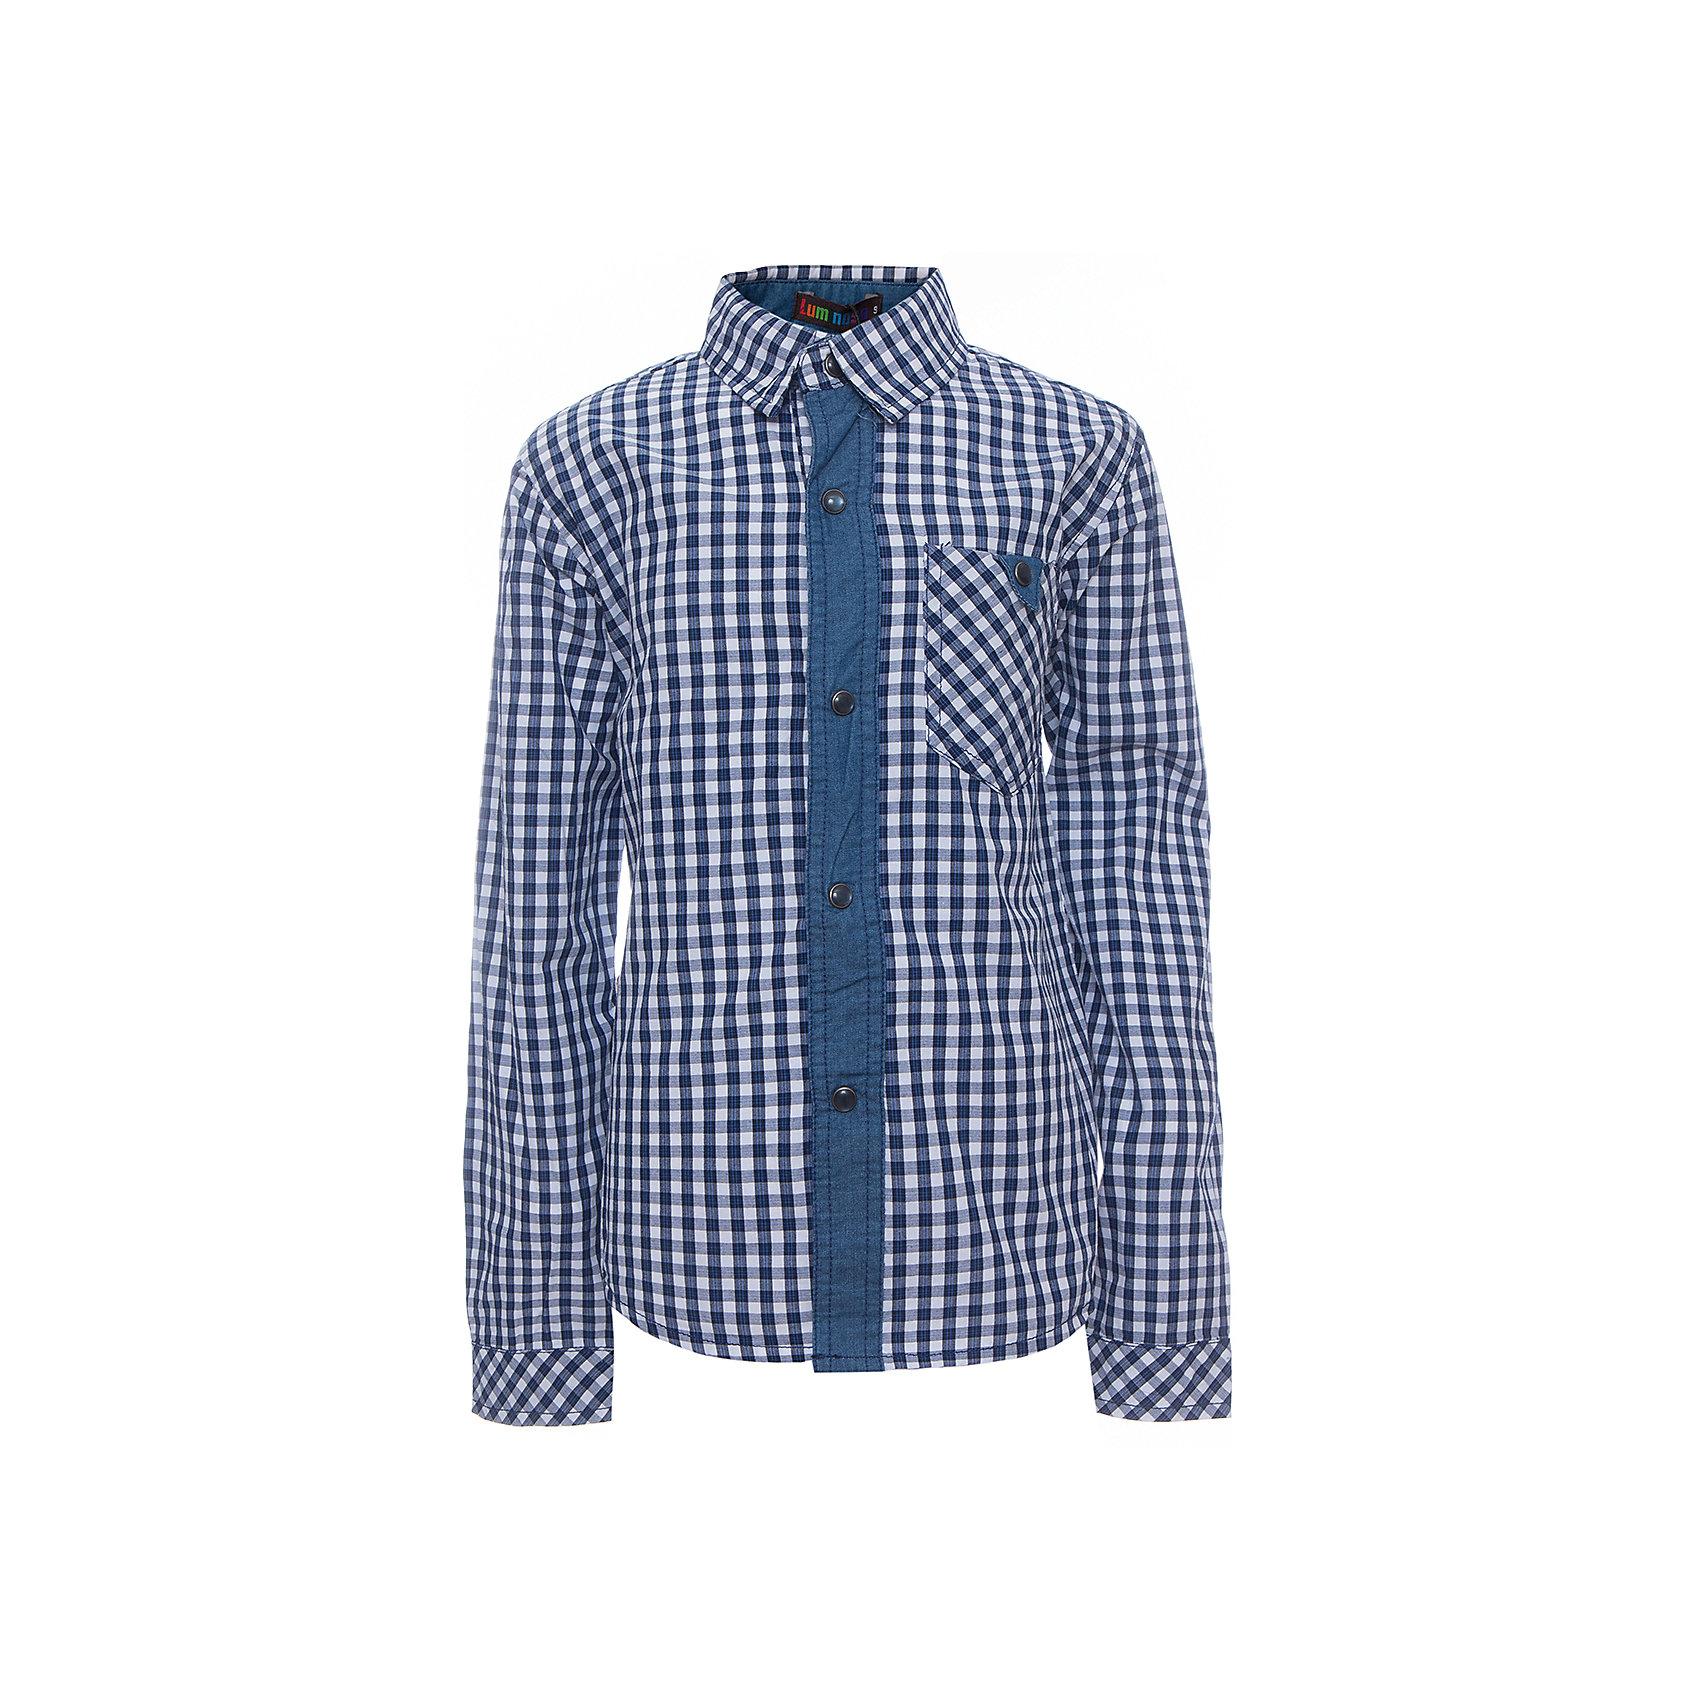 Рубашка для мальчика LuminosoБлузки и рубашки<br>Характеристики товара:<br><br>- цвет: синий;<br>- материал: 100% хлопок;<br>- карман;<br>- длинный рукав;<br>- декорирована отделкой из денима.<br><br>Стильная одежда от бренда Luminoso (Люминосо), созданная при участии итальянских дизайнеров, учитывает потребности подростков и последние веяния моды. Она удобная и модная.<br>Эта хлопковая рубашка выглядит стильно и нарядно, но при этом подходит для ежедневного ношения. Он хорошо сидит на ребенке, обеспечивает комфорт и отлично сочетается с одежной разных стилей. Модель отличается высоким качеством материала и продуманным дизайном. Натуральный хлопок в составе изделия делает его дышащим, приятным на ощупь и гипоаллергеным.<br><br>Рубашку для мальчикаот бренда Luminoso (Люминосо) можно купить в нашем интернет-магазине.<br><br>Ширина мм: 174<br>Глубина мм: 10<br>Высота мм: 169<br>Вес г: 157<br>Цвет: синий<br>Возраст от месяцев: 96<br>Возраст до месяцев: 108<br>Пол: Мужской<br>Возраст: Детский<br>Размер: 134,164,140,146,152,158<br>SKU: 4931061